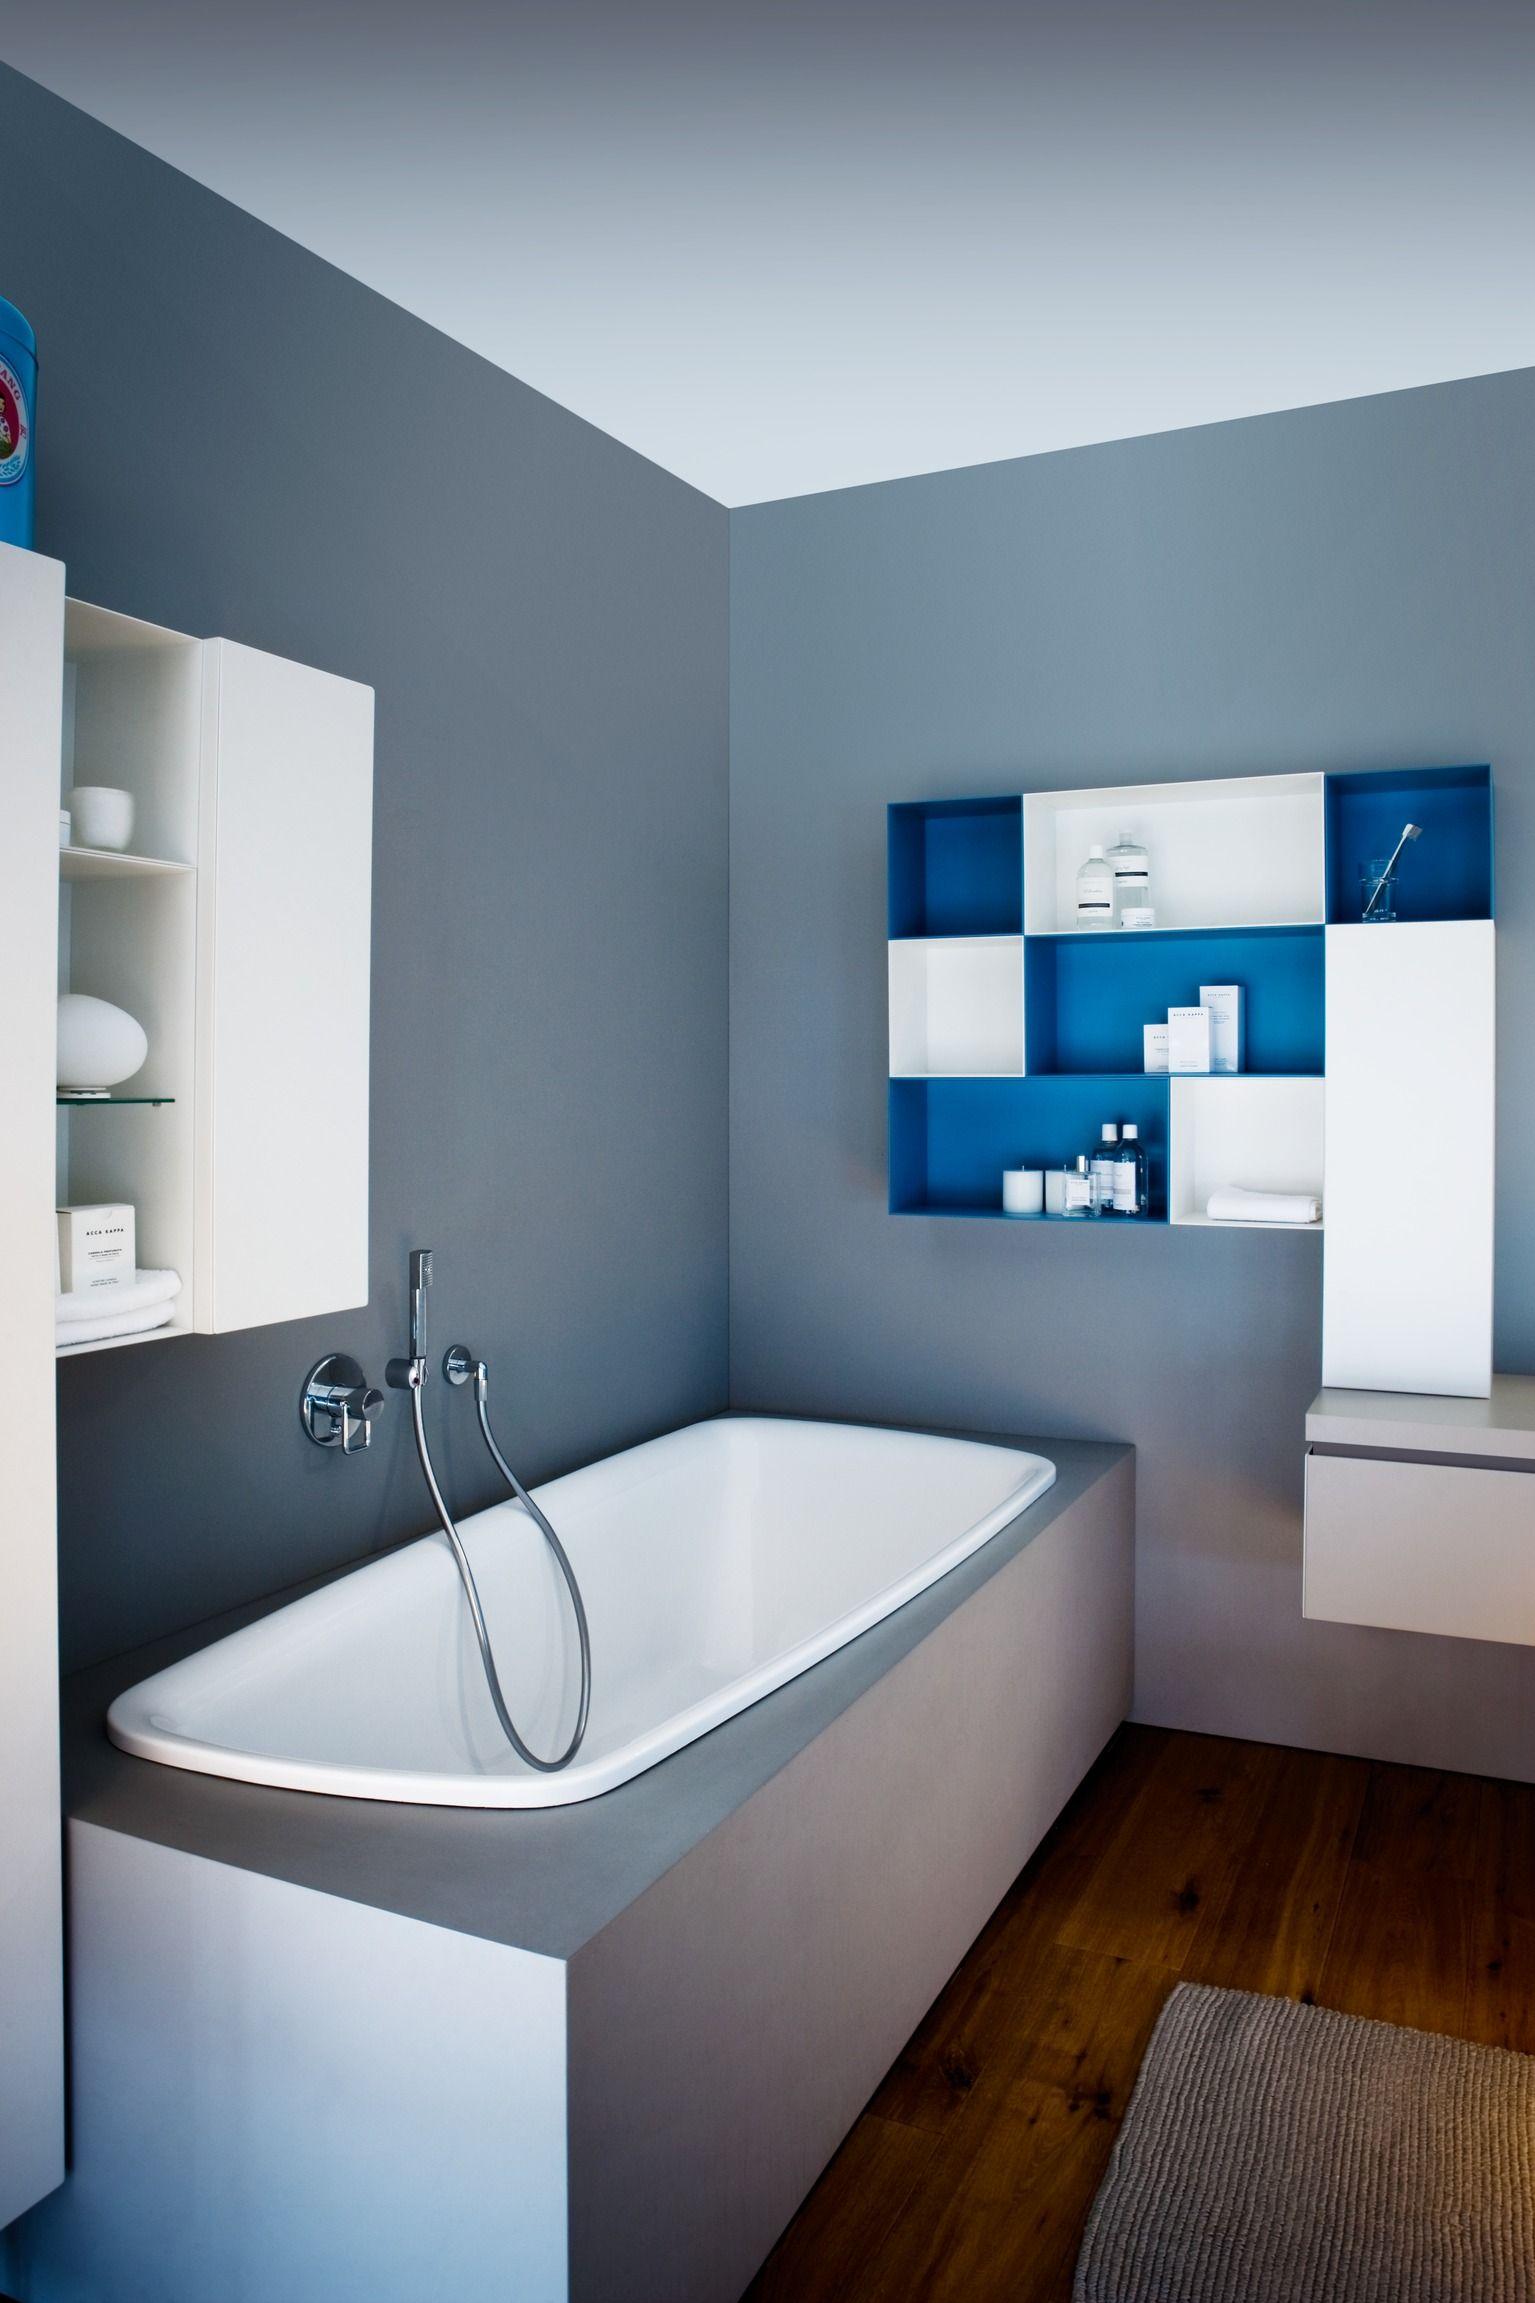 Palomba Collection Laufen Bathrooms Badewanne Badezimmer Inspiration Badezimmer Trends